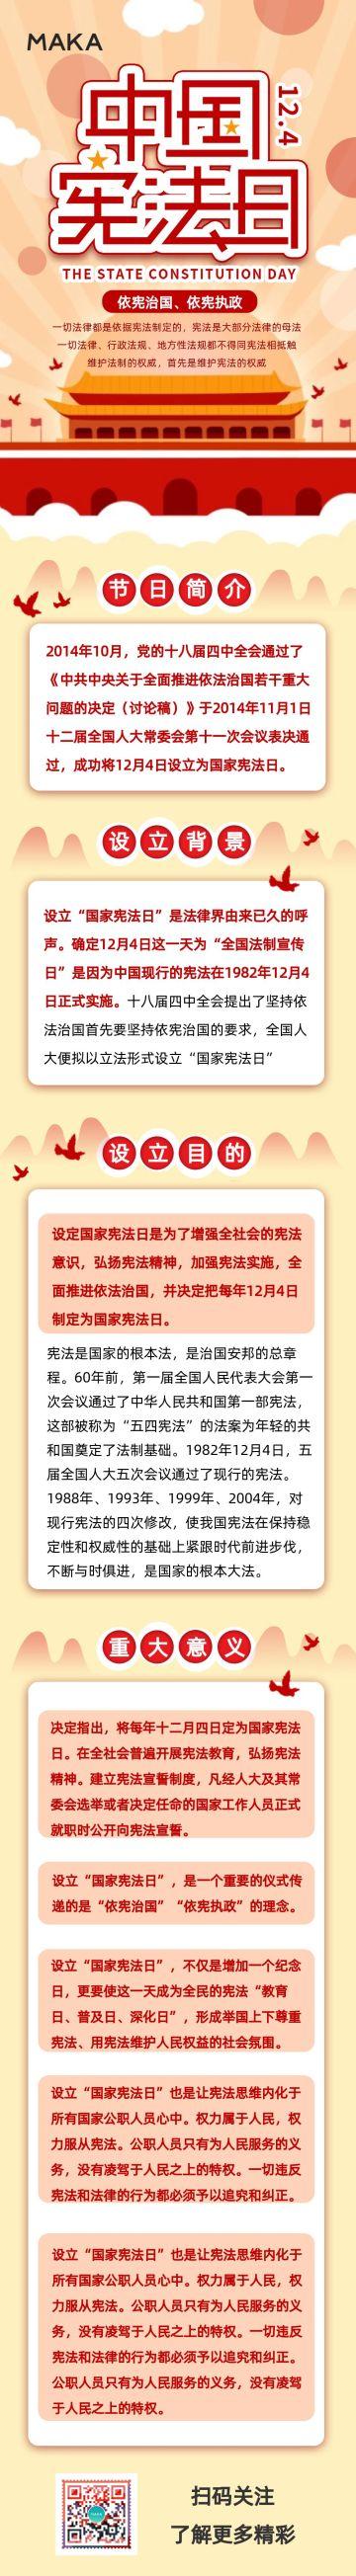 浅黄色扁平简约风格国家宪法日节日宣传长页H5